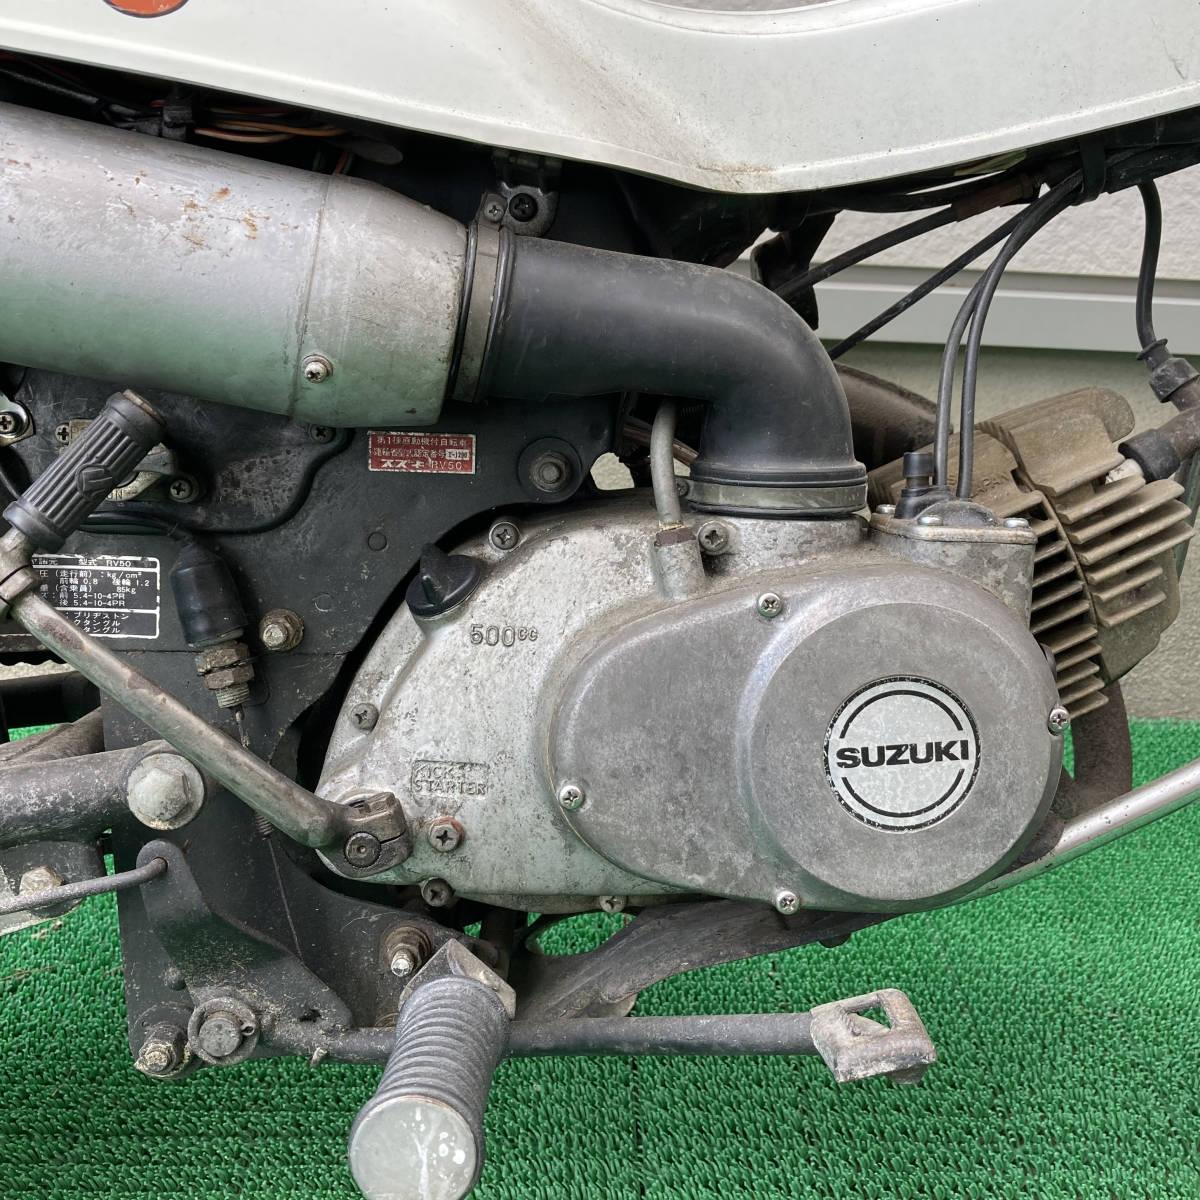 「引取限定 不動車 SUZUKI スズキ VanVan バンバン 50cc RV50-3 空冷 2スト 1970年代 自賠責付き クラッチ マニュアル 4速」の画像3